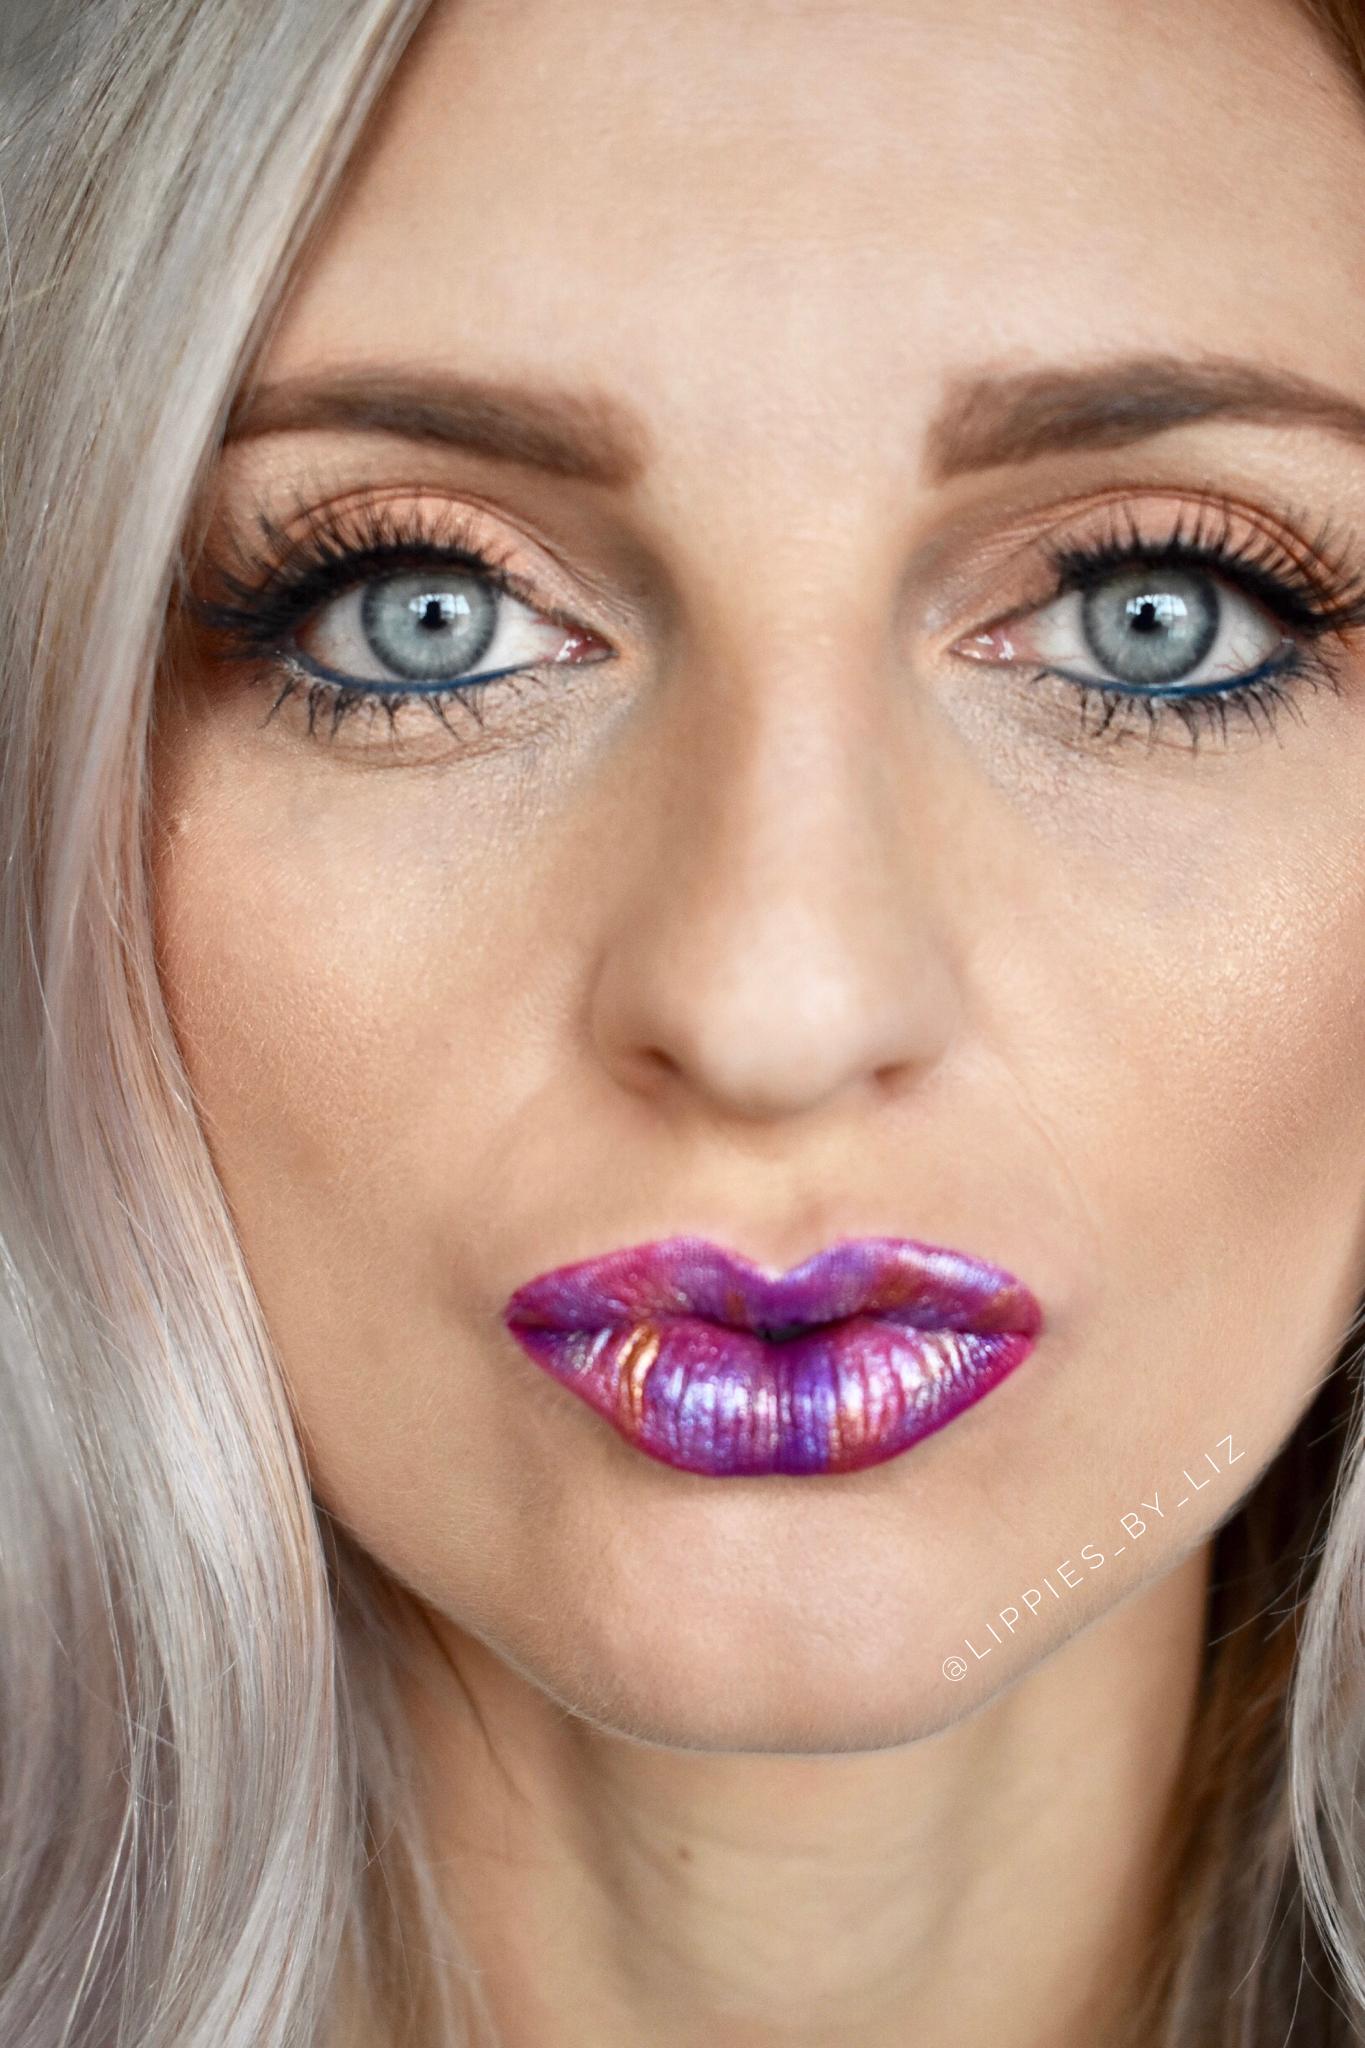 Lipsense Makeup